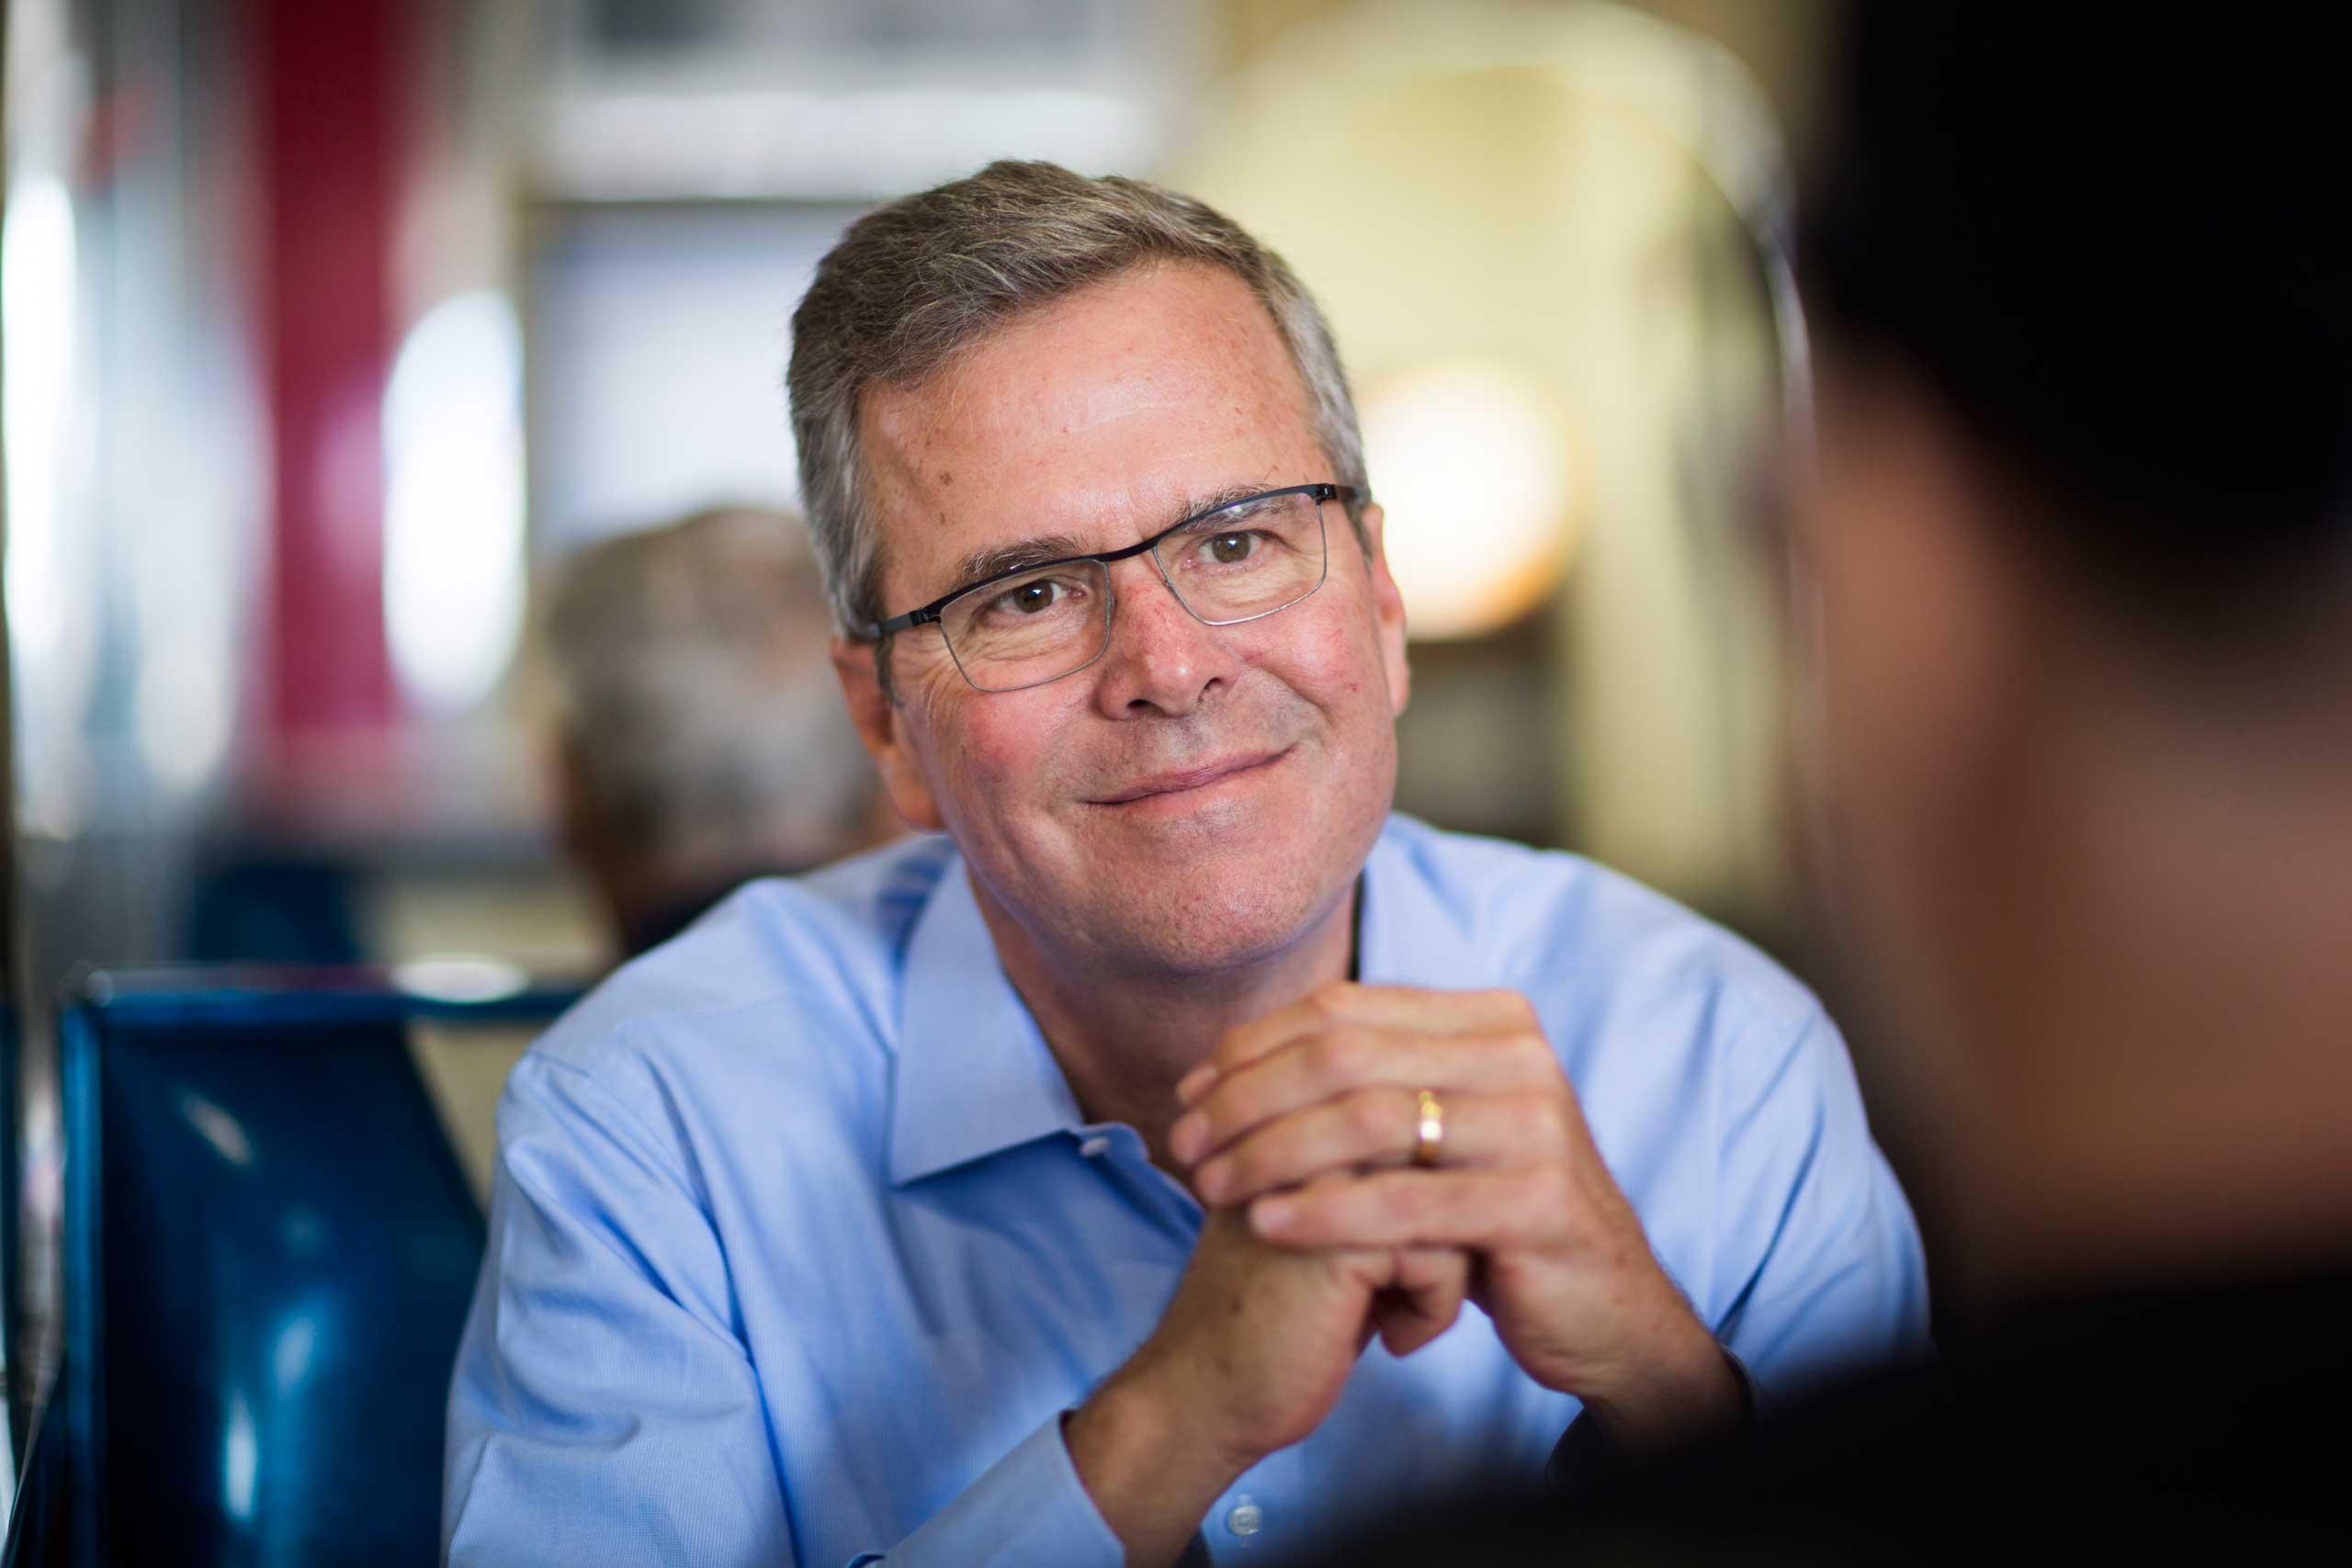 Former Florida Governor Bush at MaryAnne's Diner in Derry, N.H. on April 17, 2015.